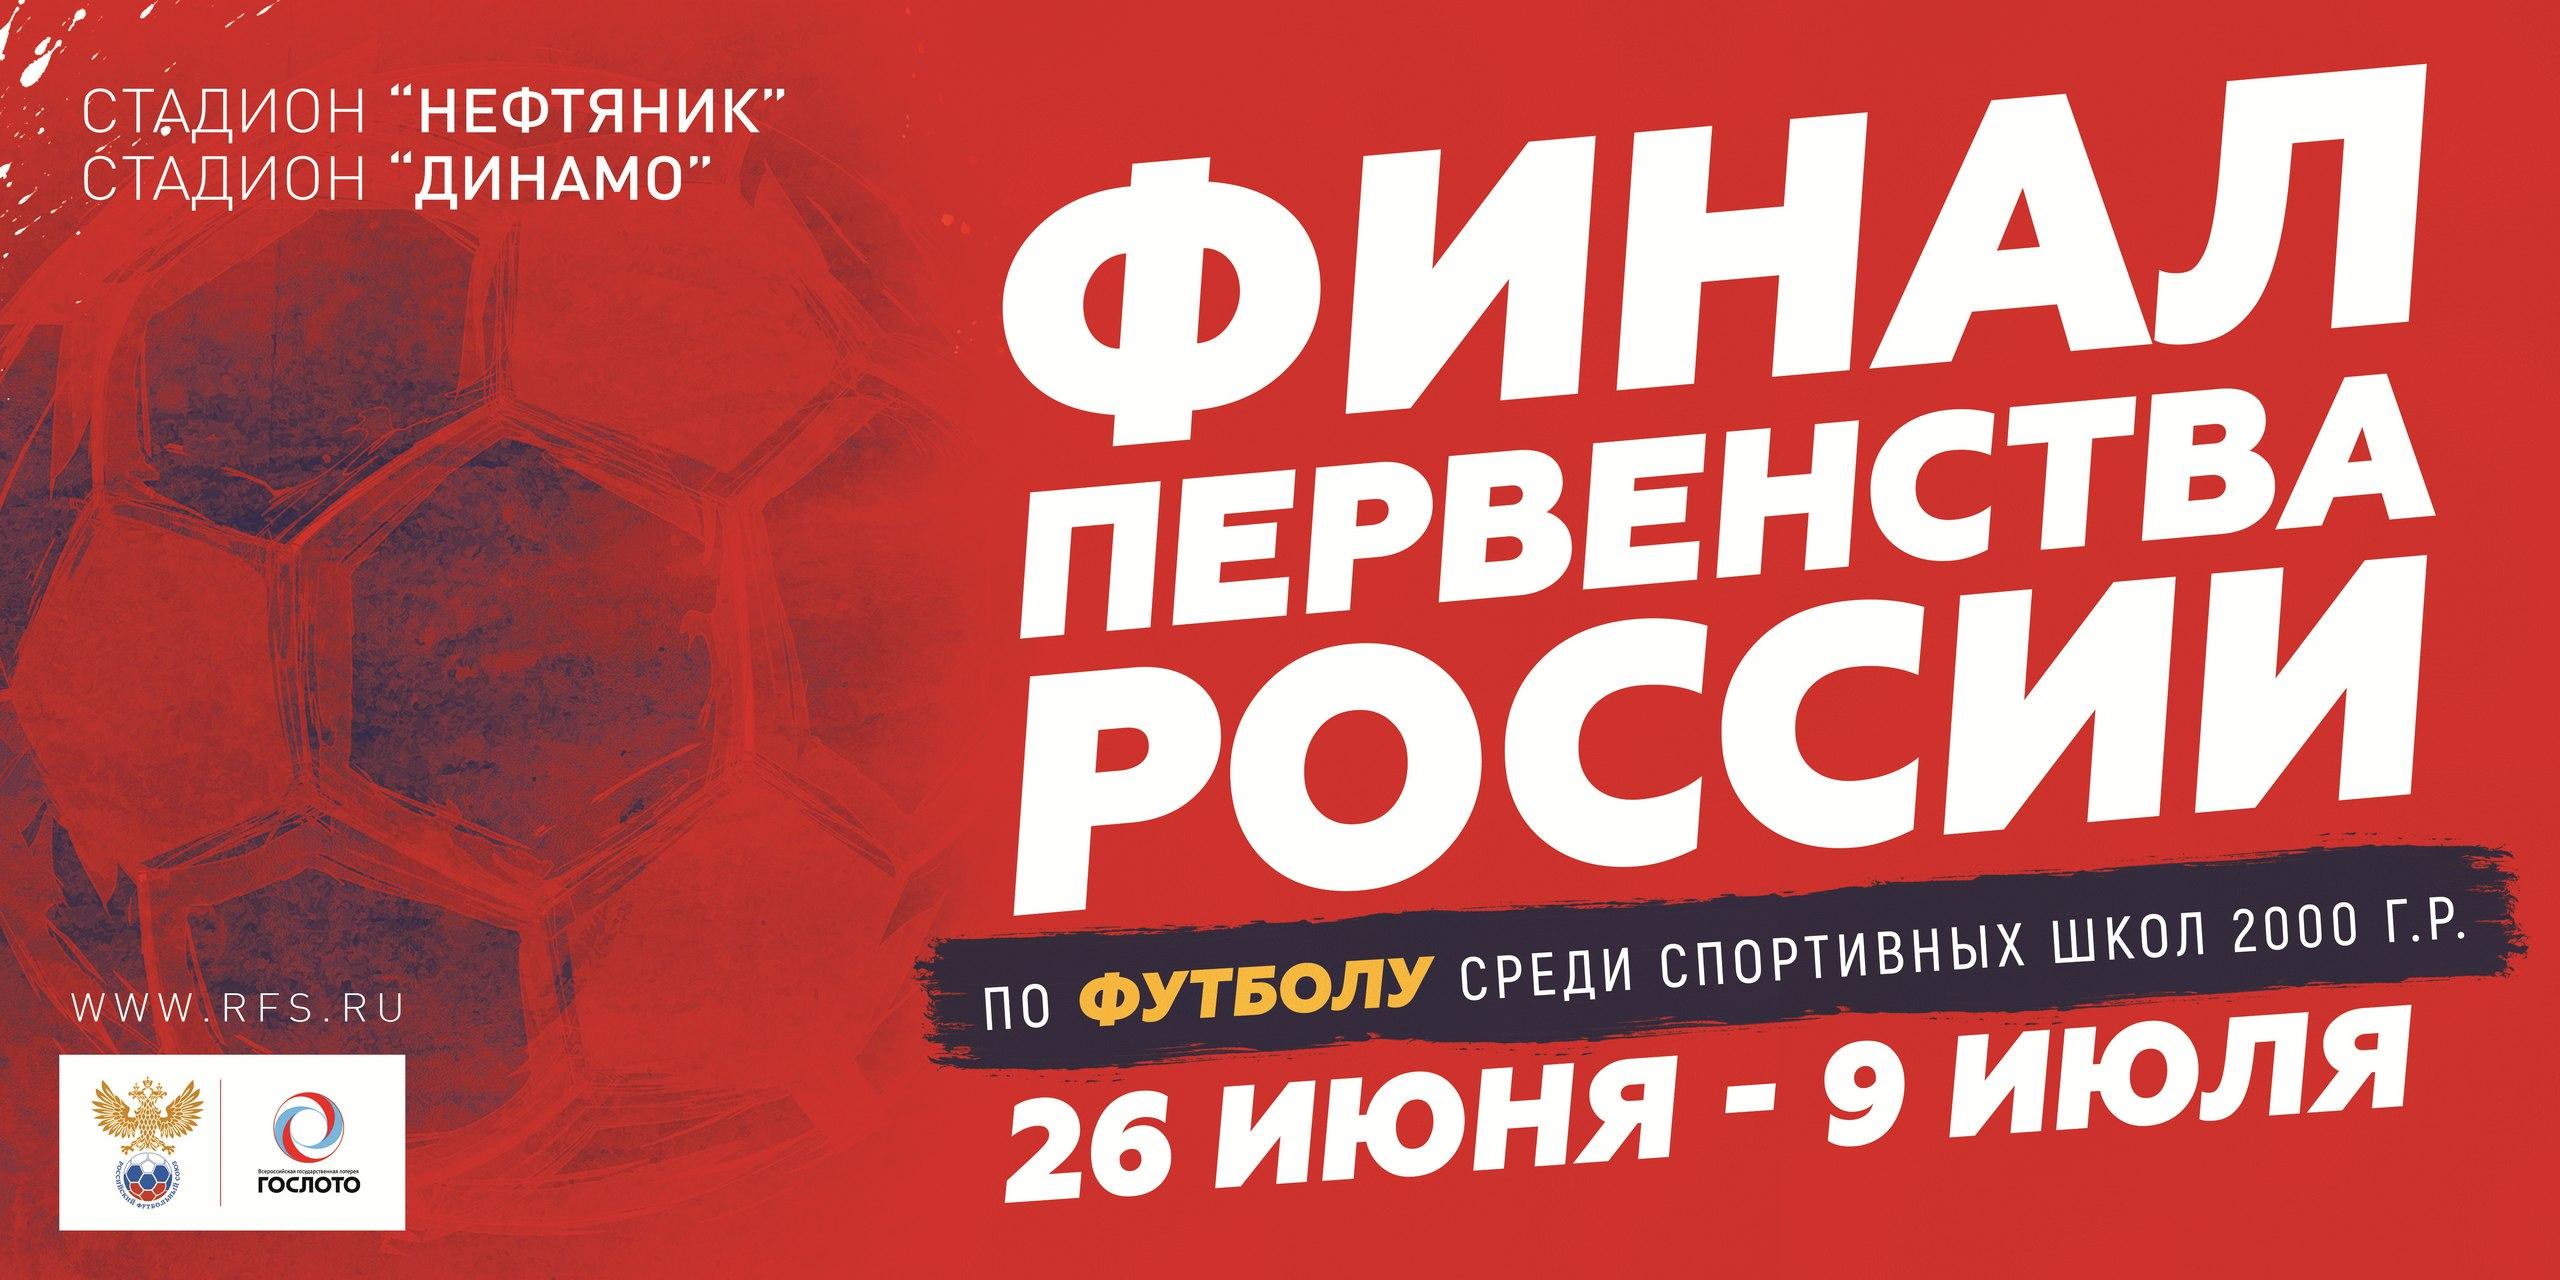 Финал Первенства России на ФК «Уфа-ТВ»!